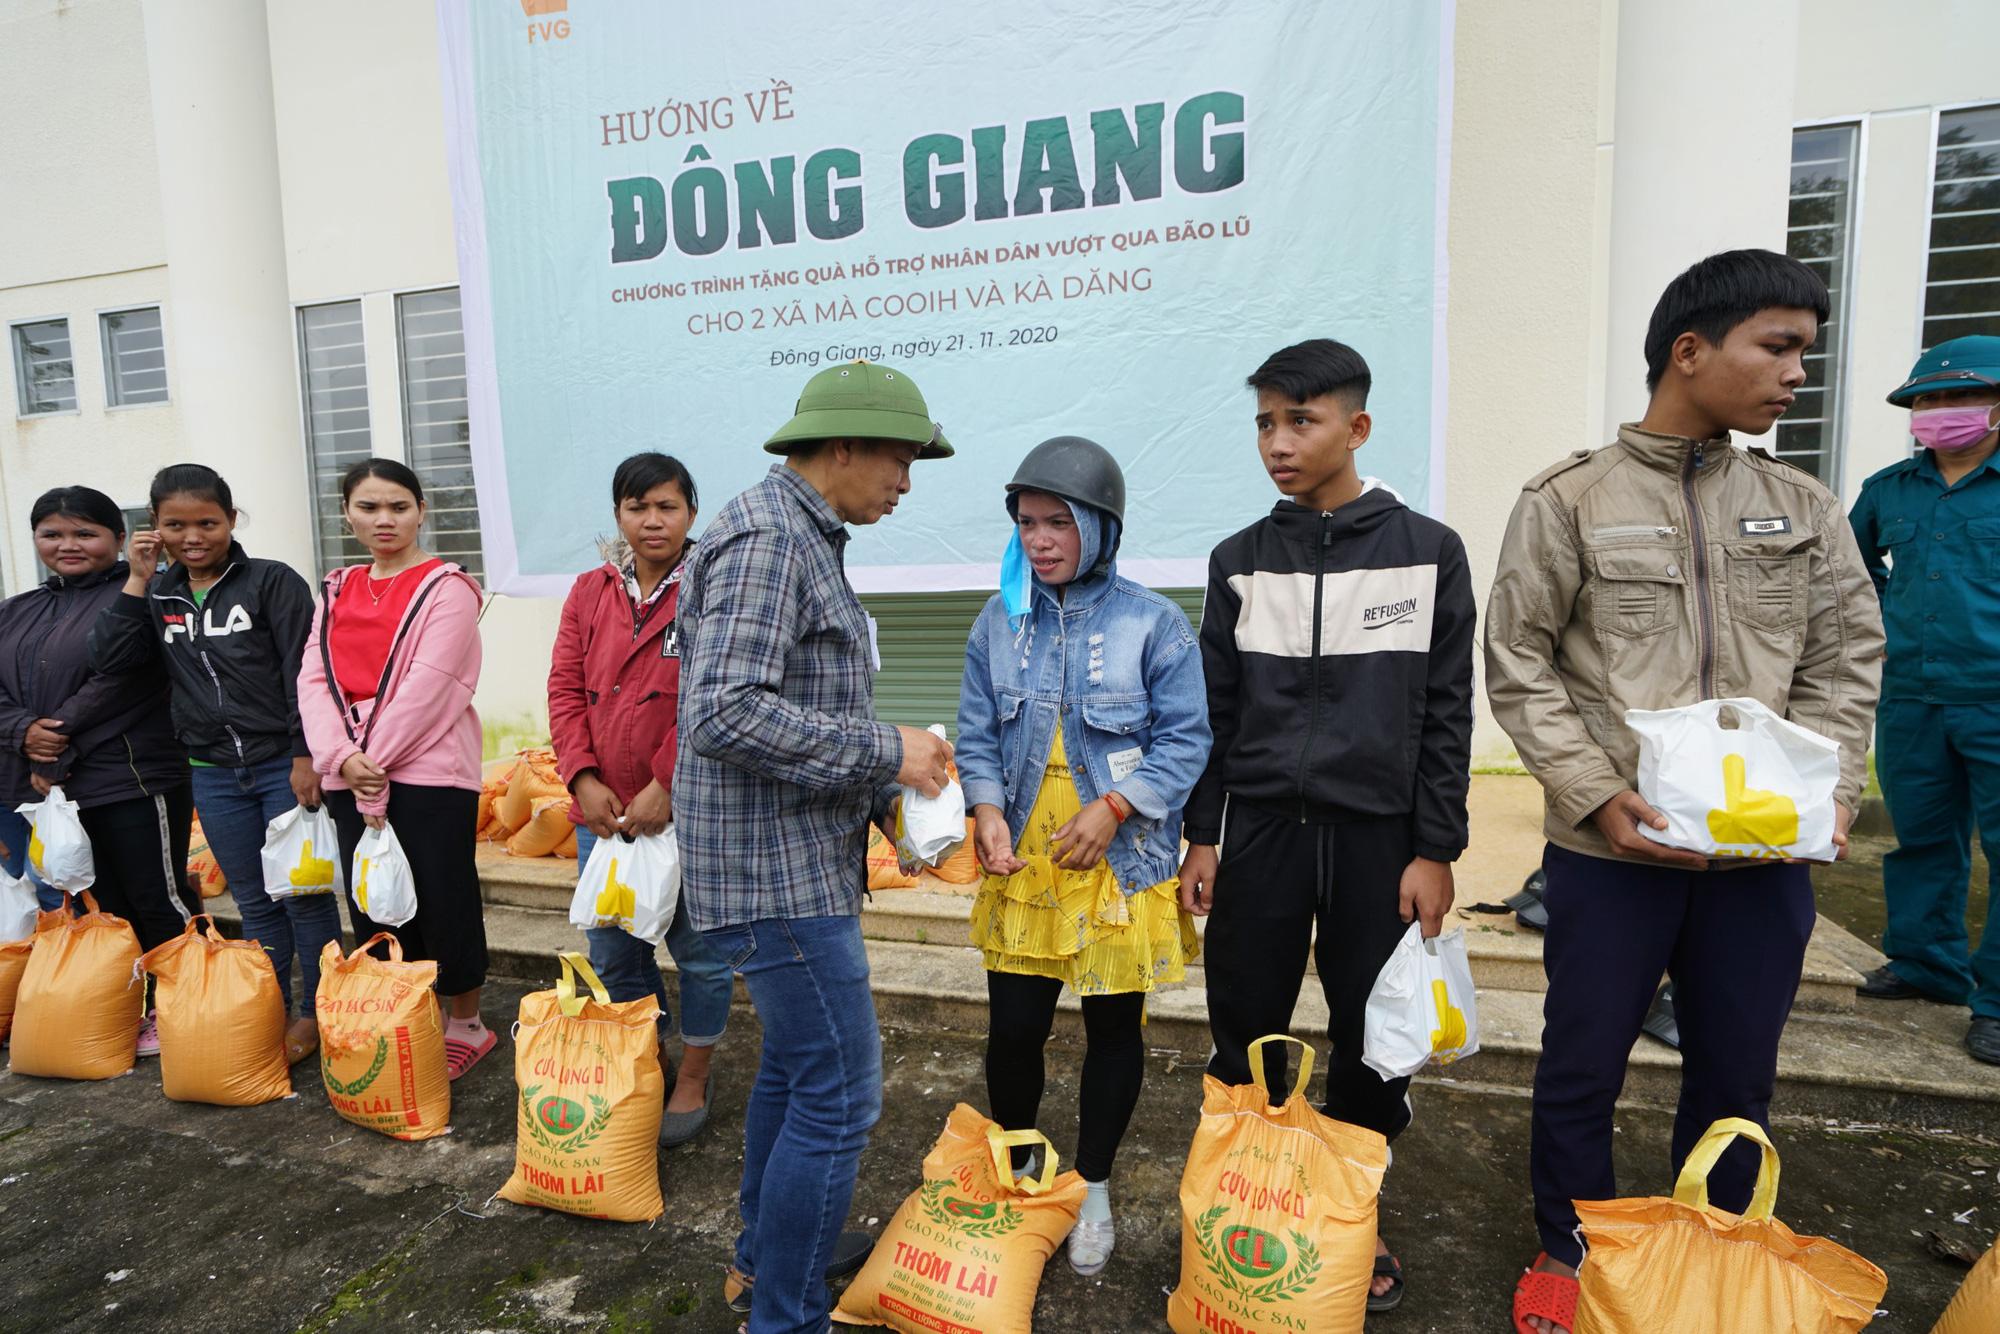 Quảng Nam: Tập đoàn FVG tặng 1100 suất quà hỗ trợ đồng bào miền núi bị ảnh hưởng do bão lũ  - Ảnh 1.